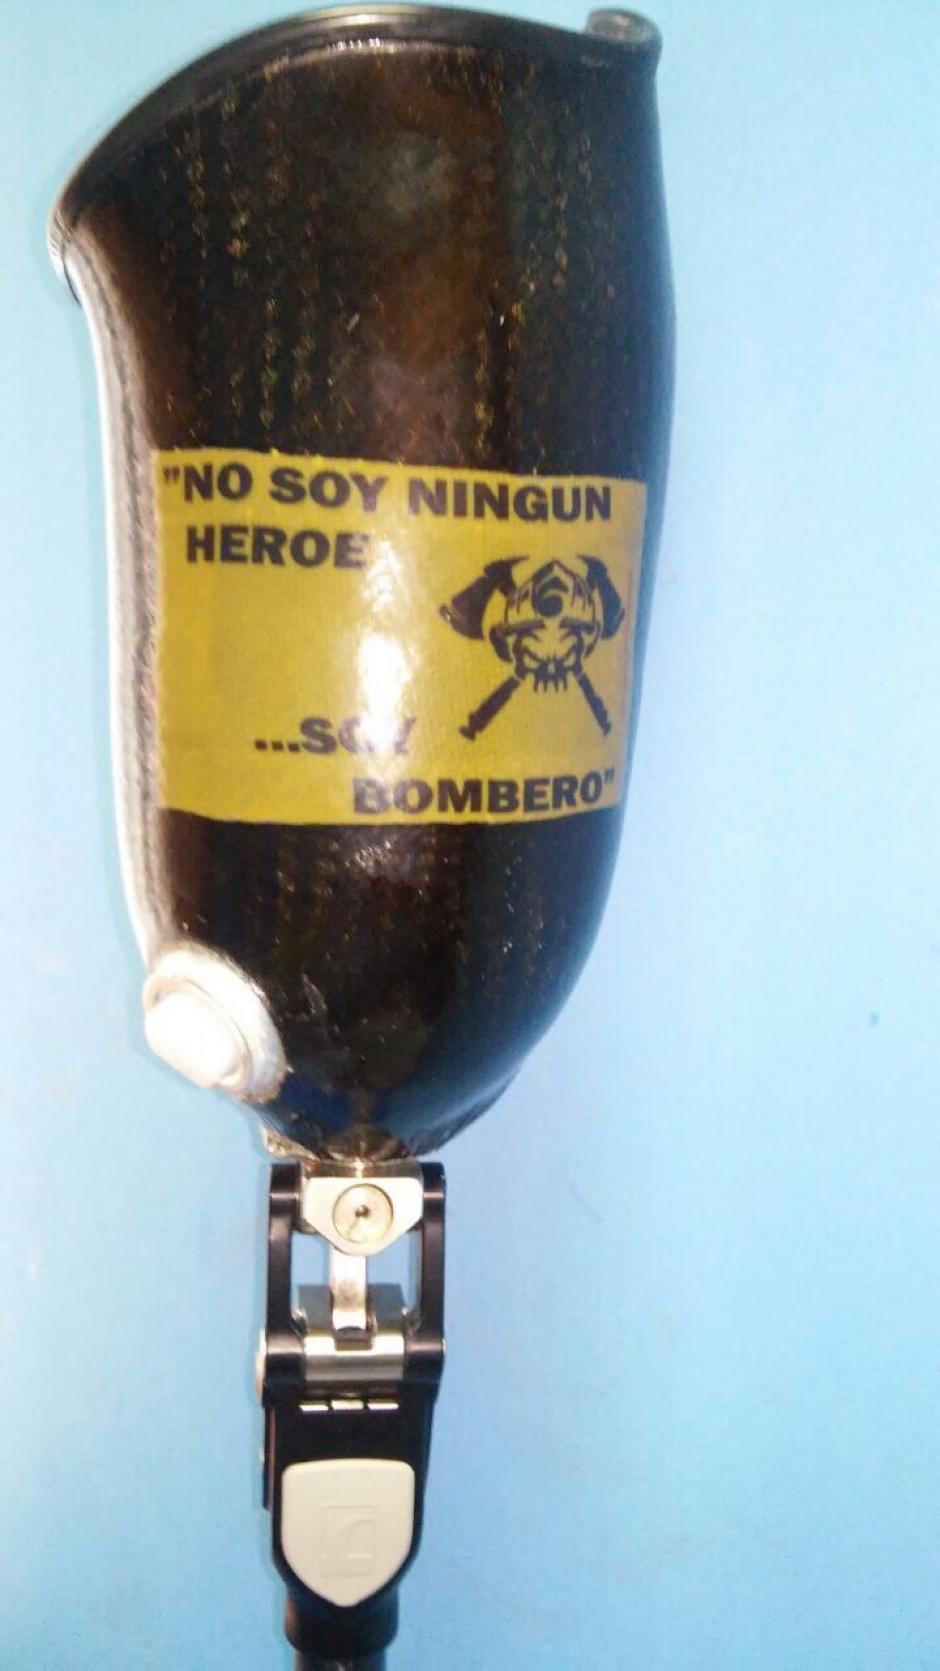 """La prótesis también tienen una particular leyenda a solicitud de Henry Hernández """"No soy ningún héroe, soy bombero"""". (Foto: Cortesía)"""